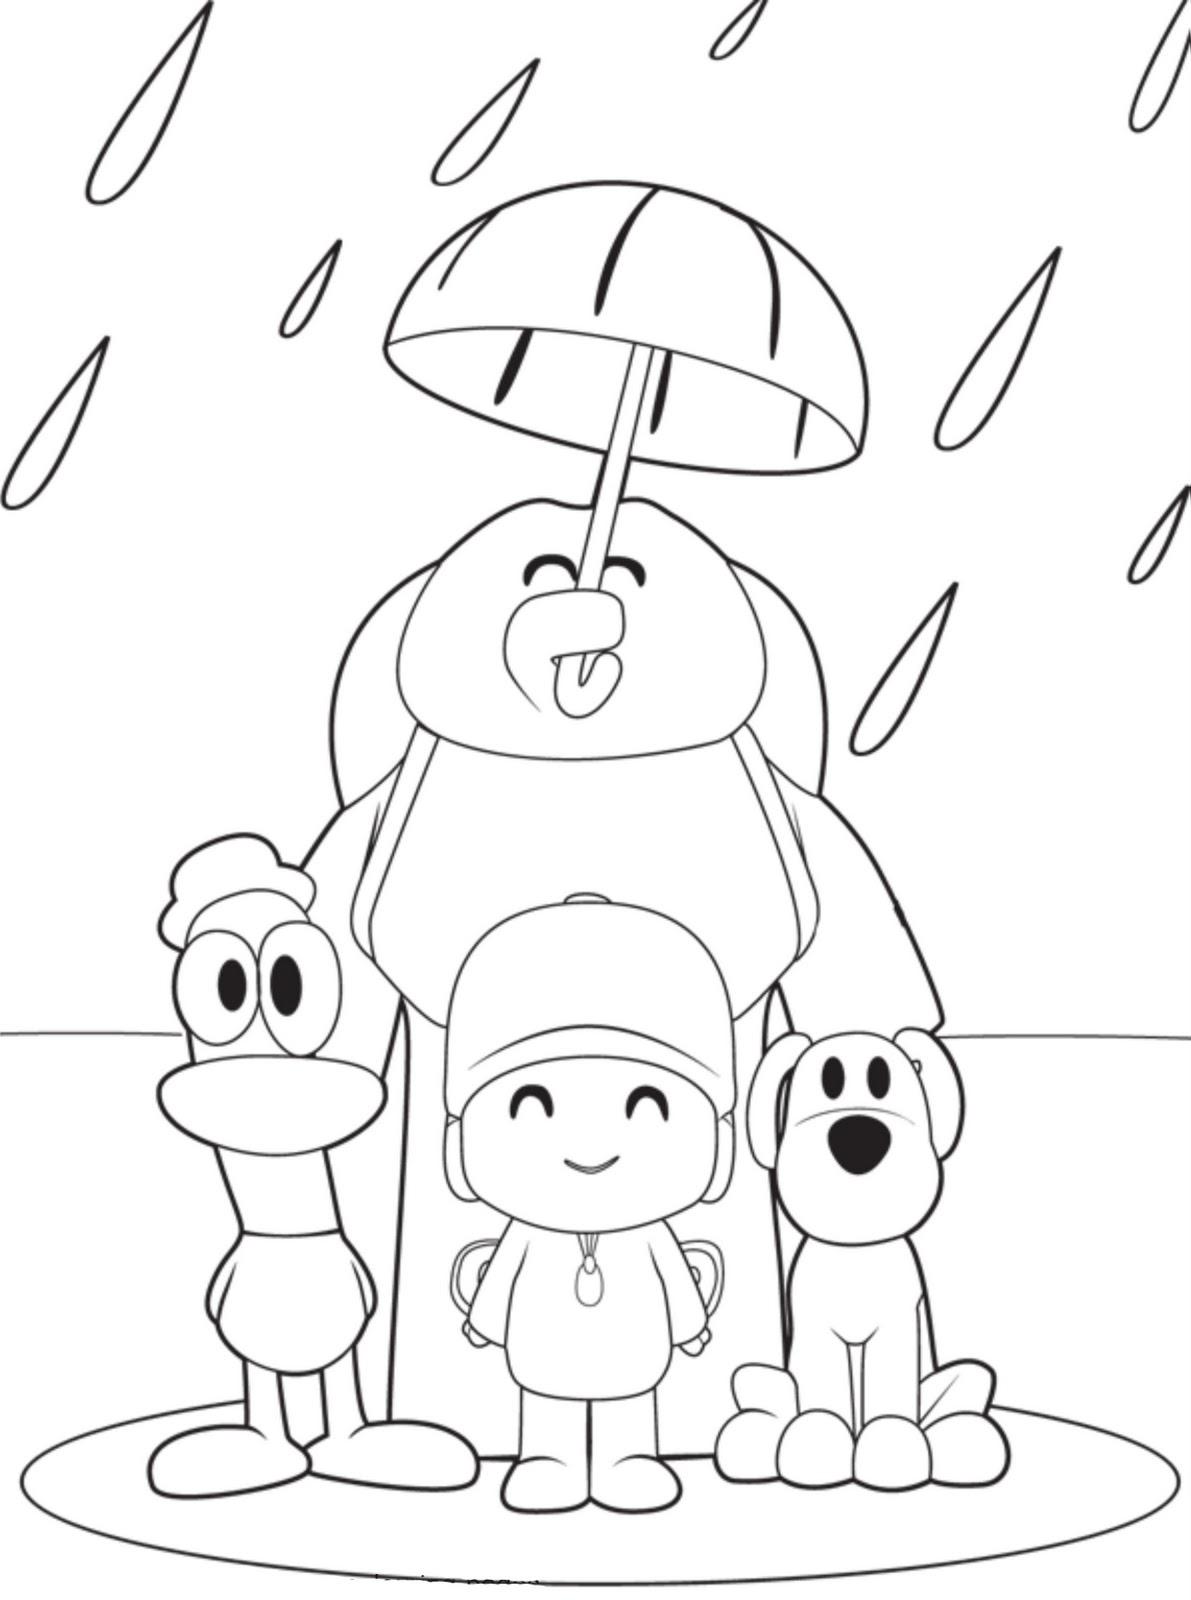 Pocoyo y amigos para colorear   Dibujos Para Colorear